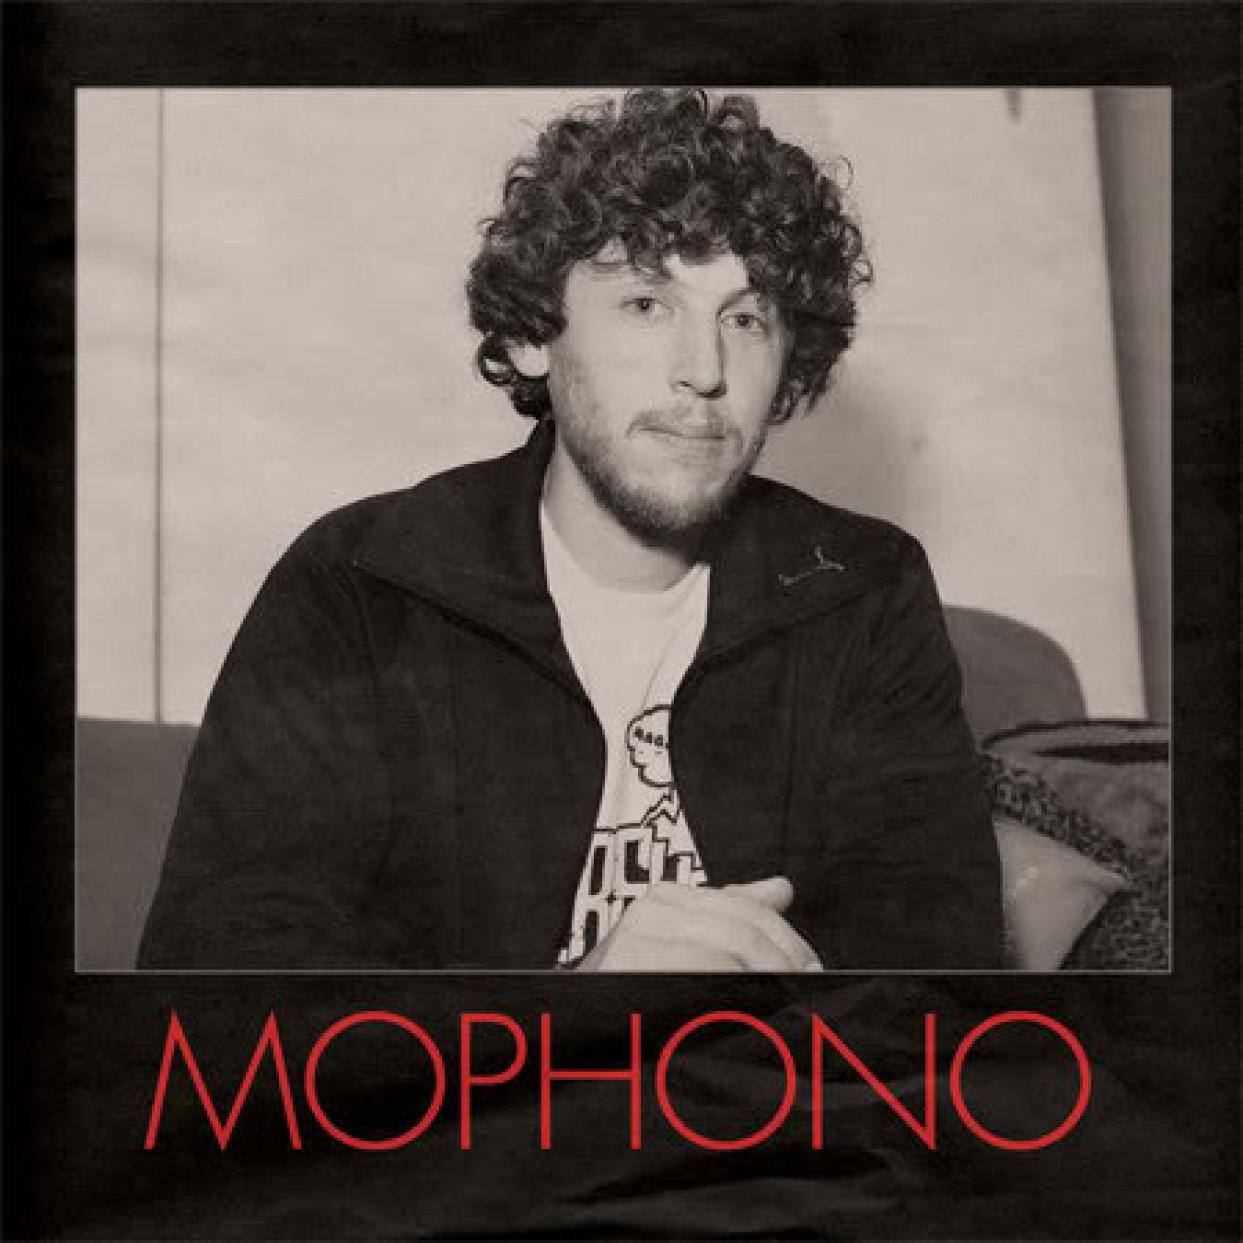 Mophono